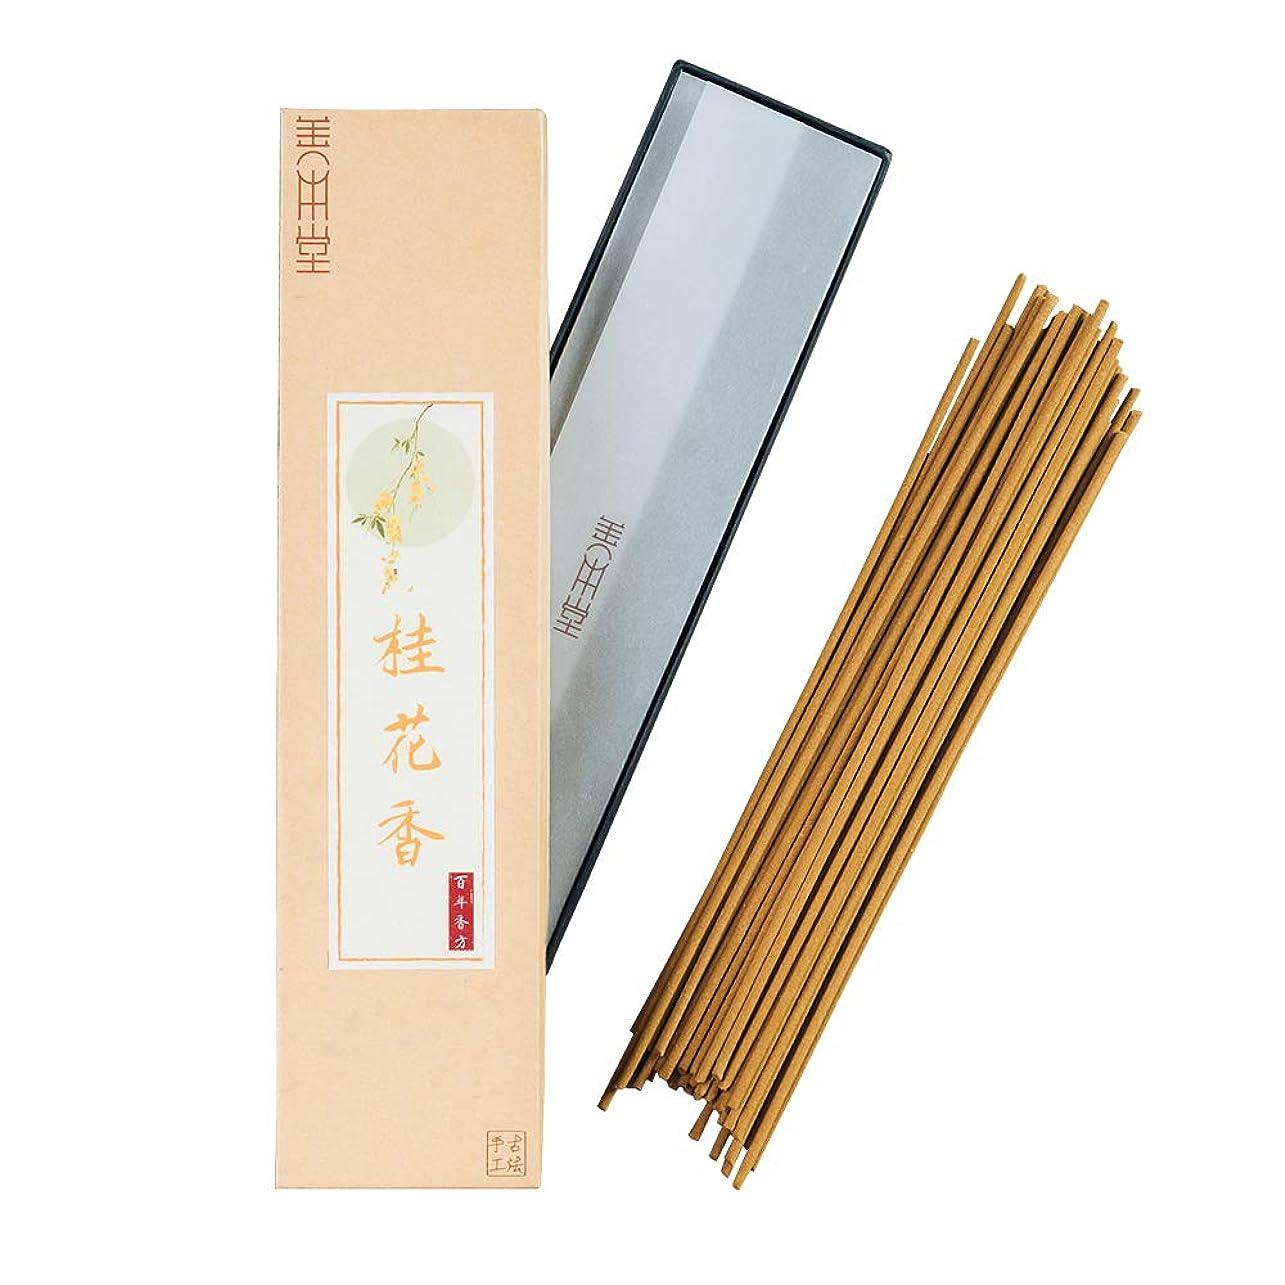 回答底オープナーお線香 善本堂自然材料伝統な手作りお香 桂花の香 ギフト包装(21cm 50本入)